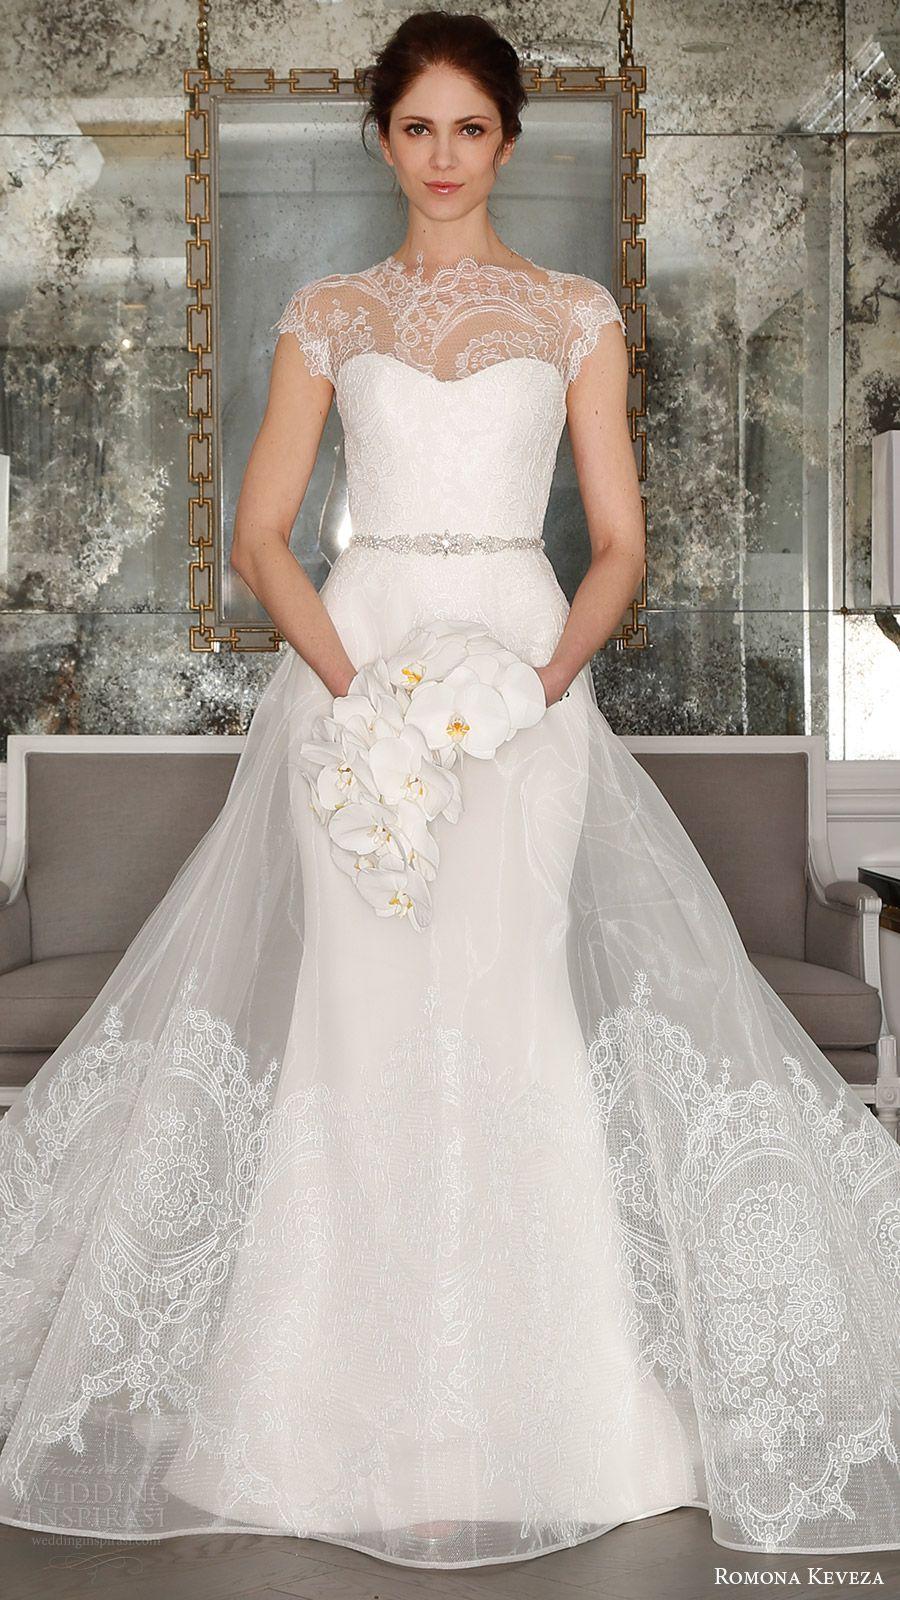 Romona keveza spring wedding dresses u ucode to parisud bridal